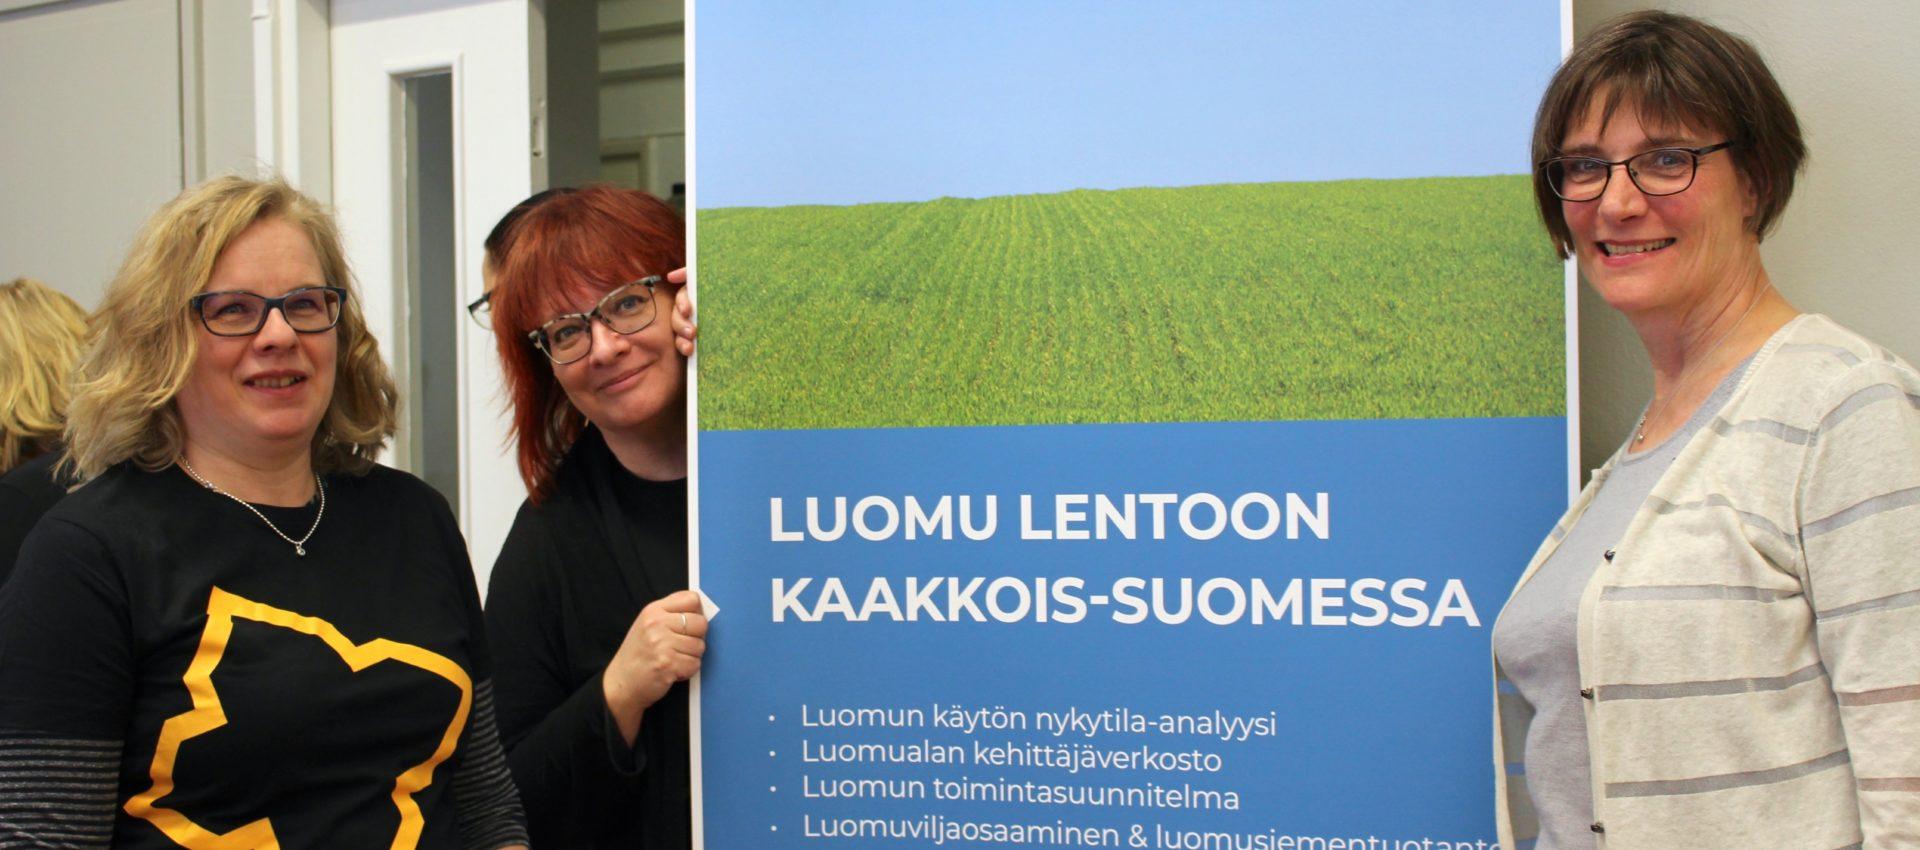 Teija Rautiainen ja Anne Hytönen Xamkista sekä Marja-Riitta Kottila Pro Luomusta haluavat siivittää luomun lentoon Kaakkois-Suomessa.